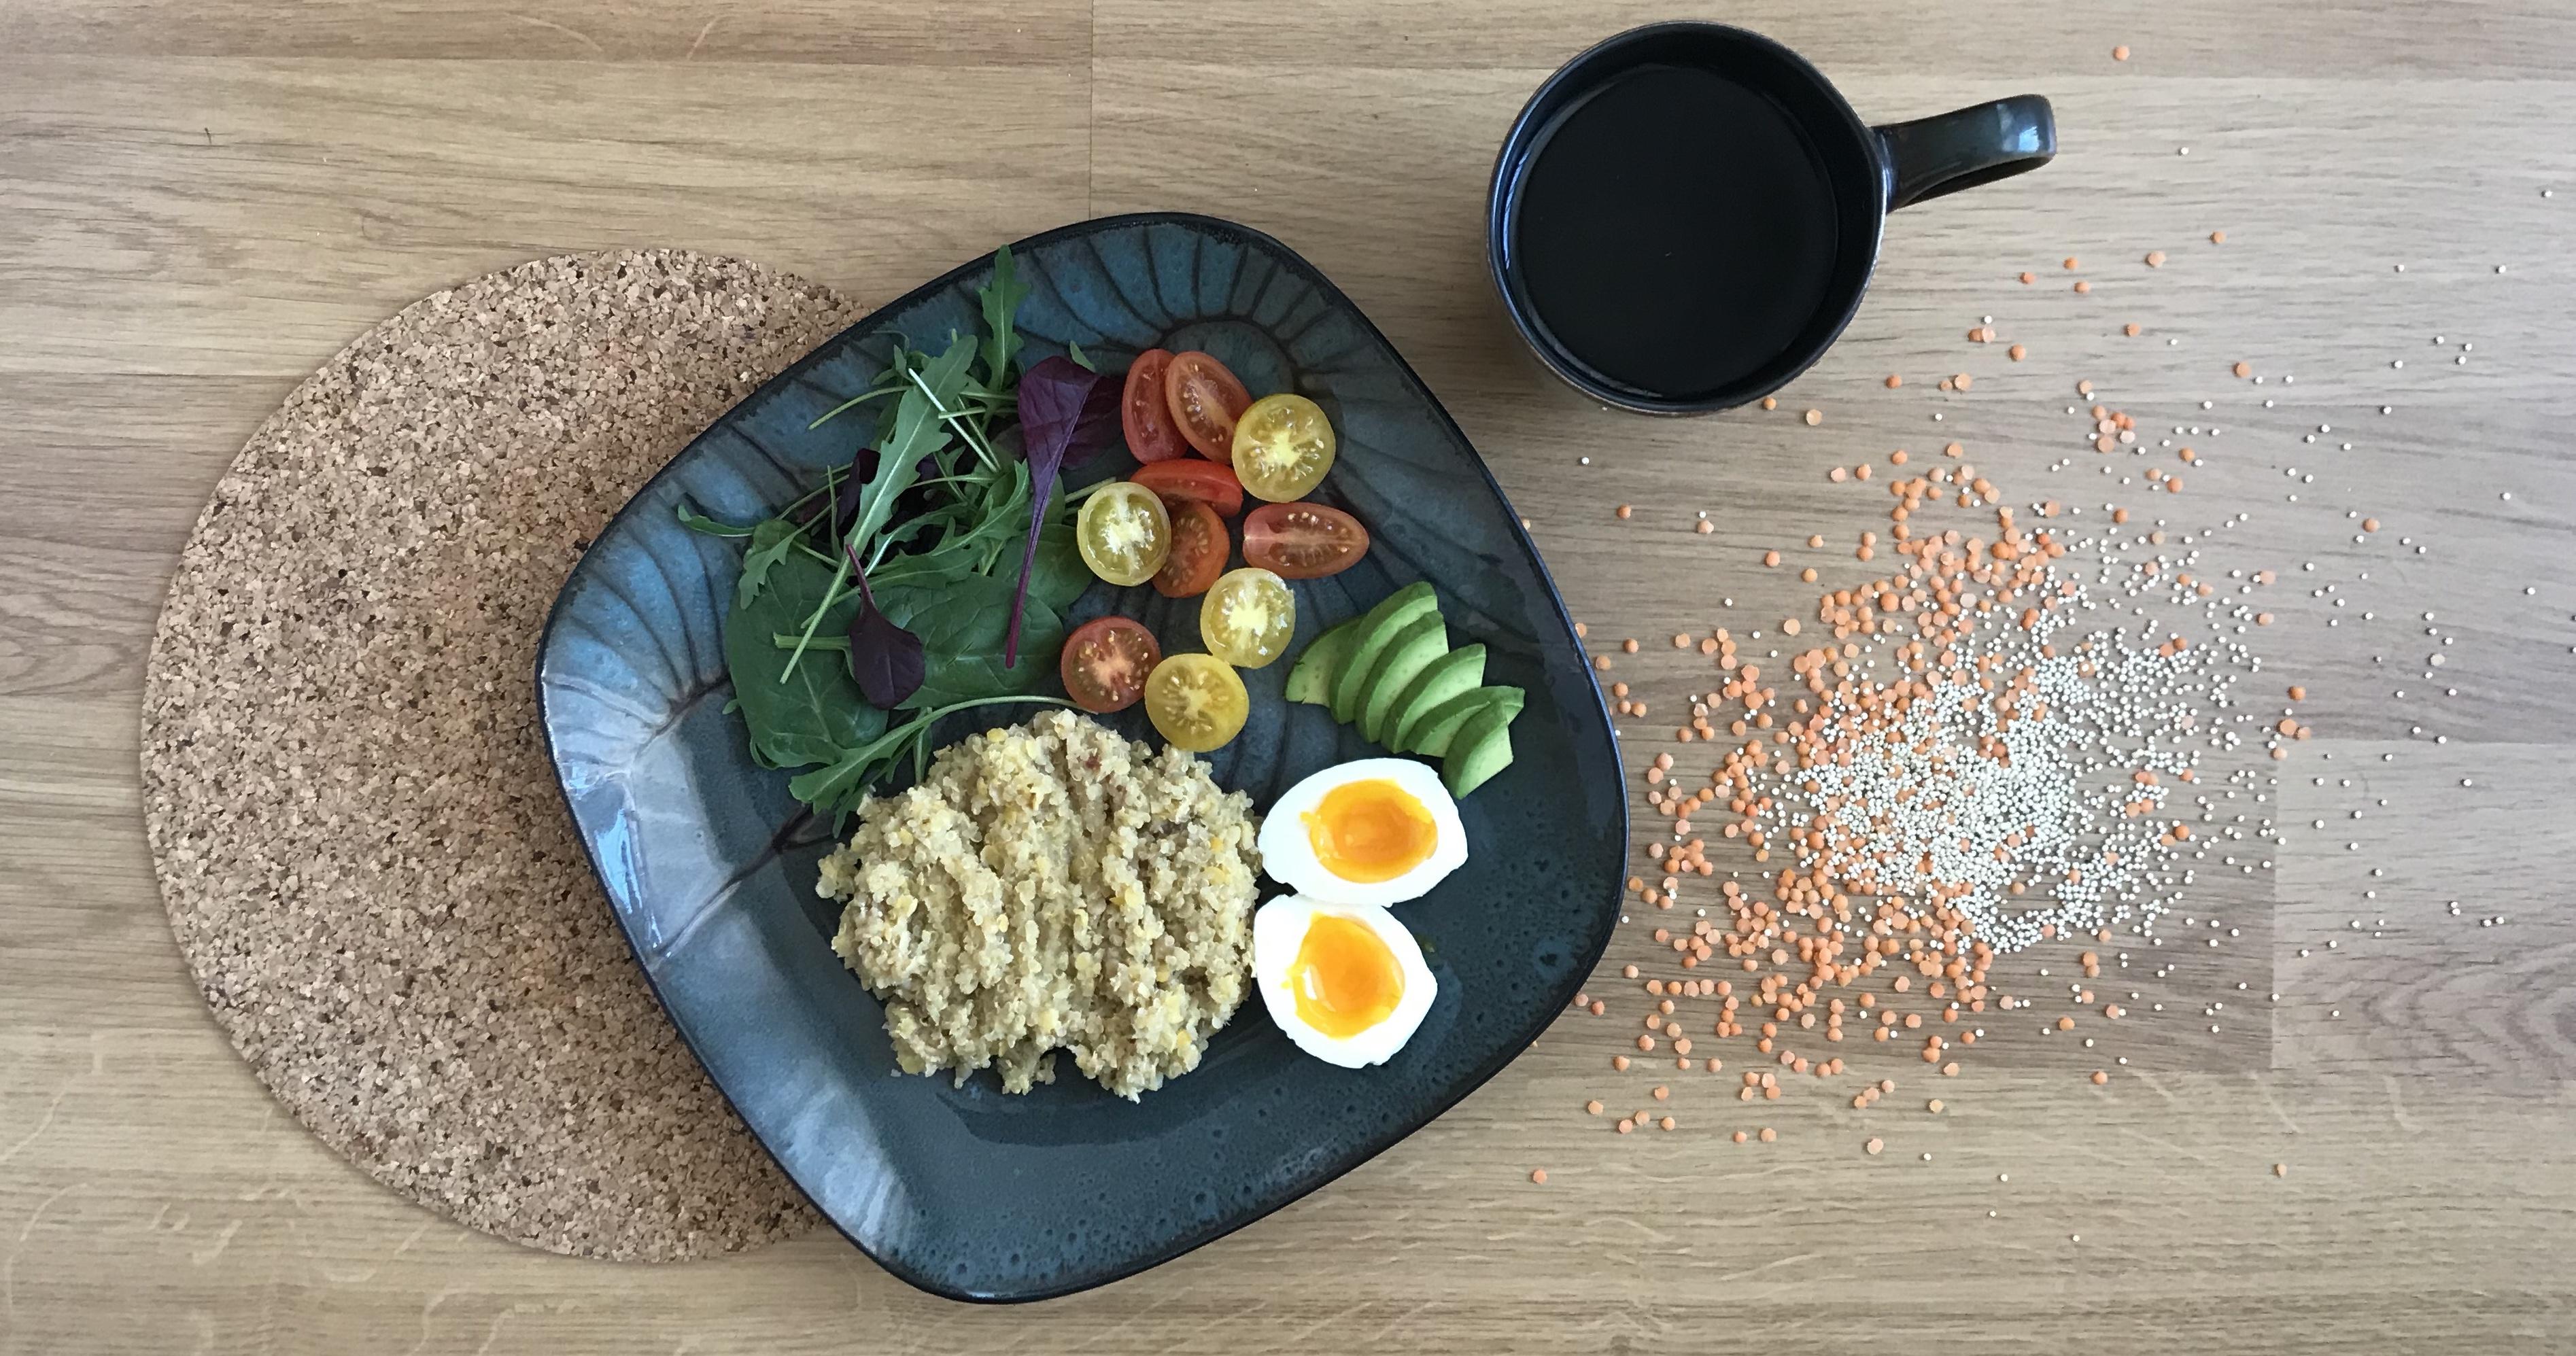 Běžecká snídaně: quinoa s červenou čočkou